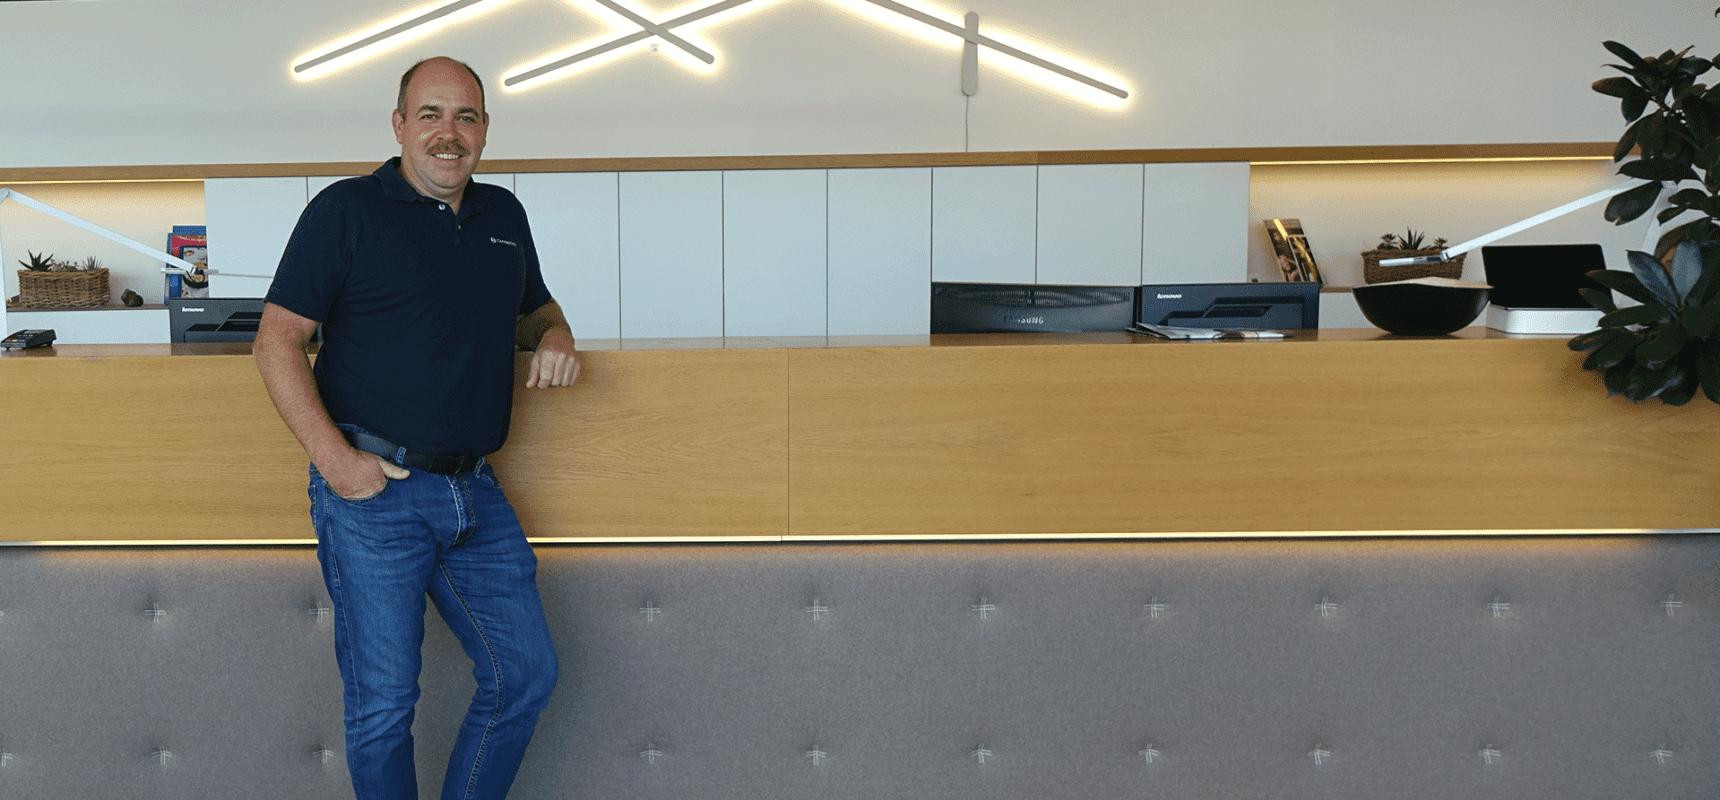 Amann Thomas, Lichtberater Beleuchtung bei Conceptlicht im Lichtstudio